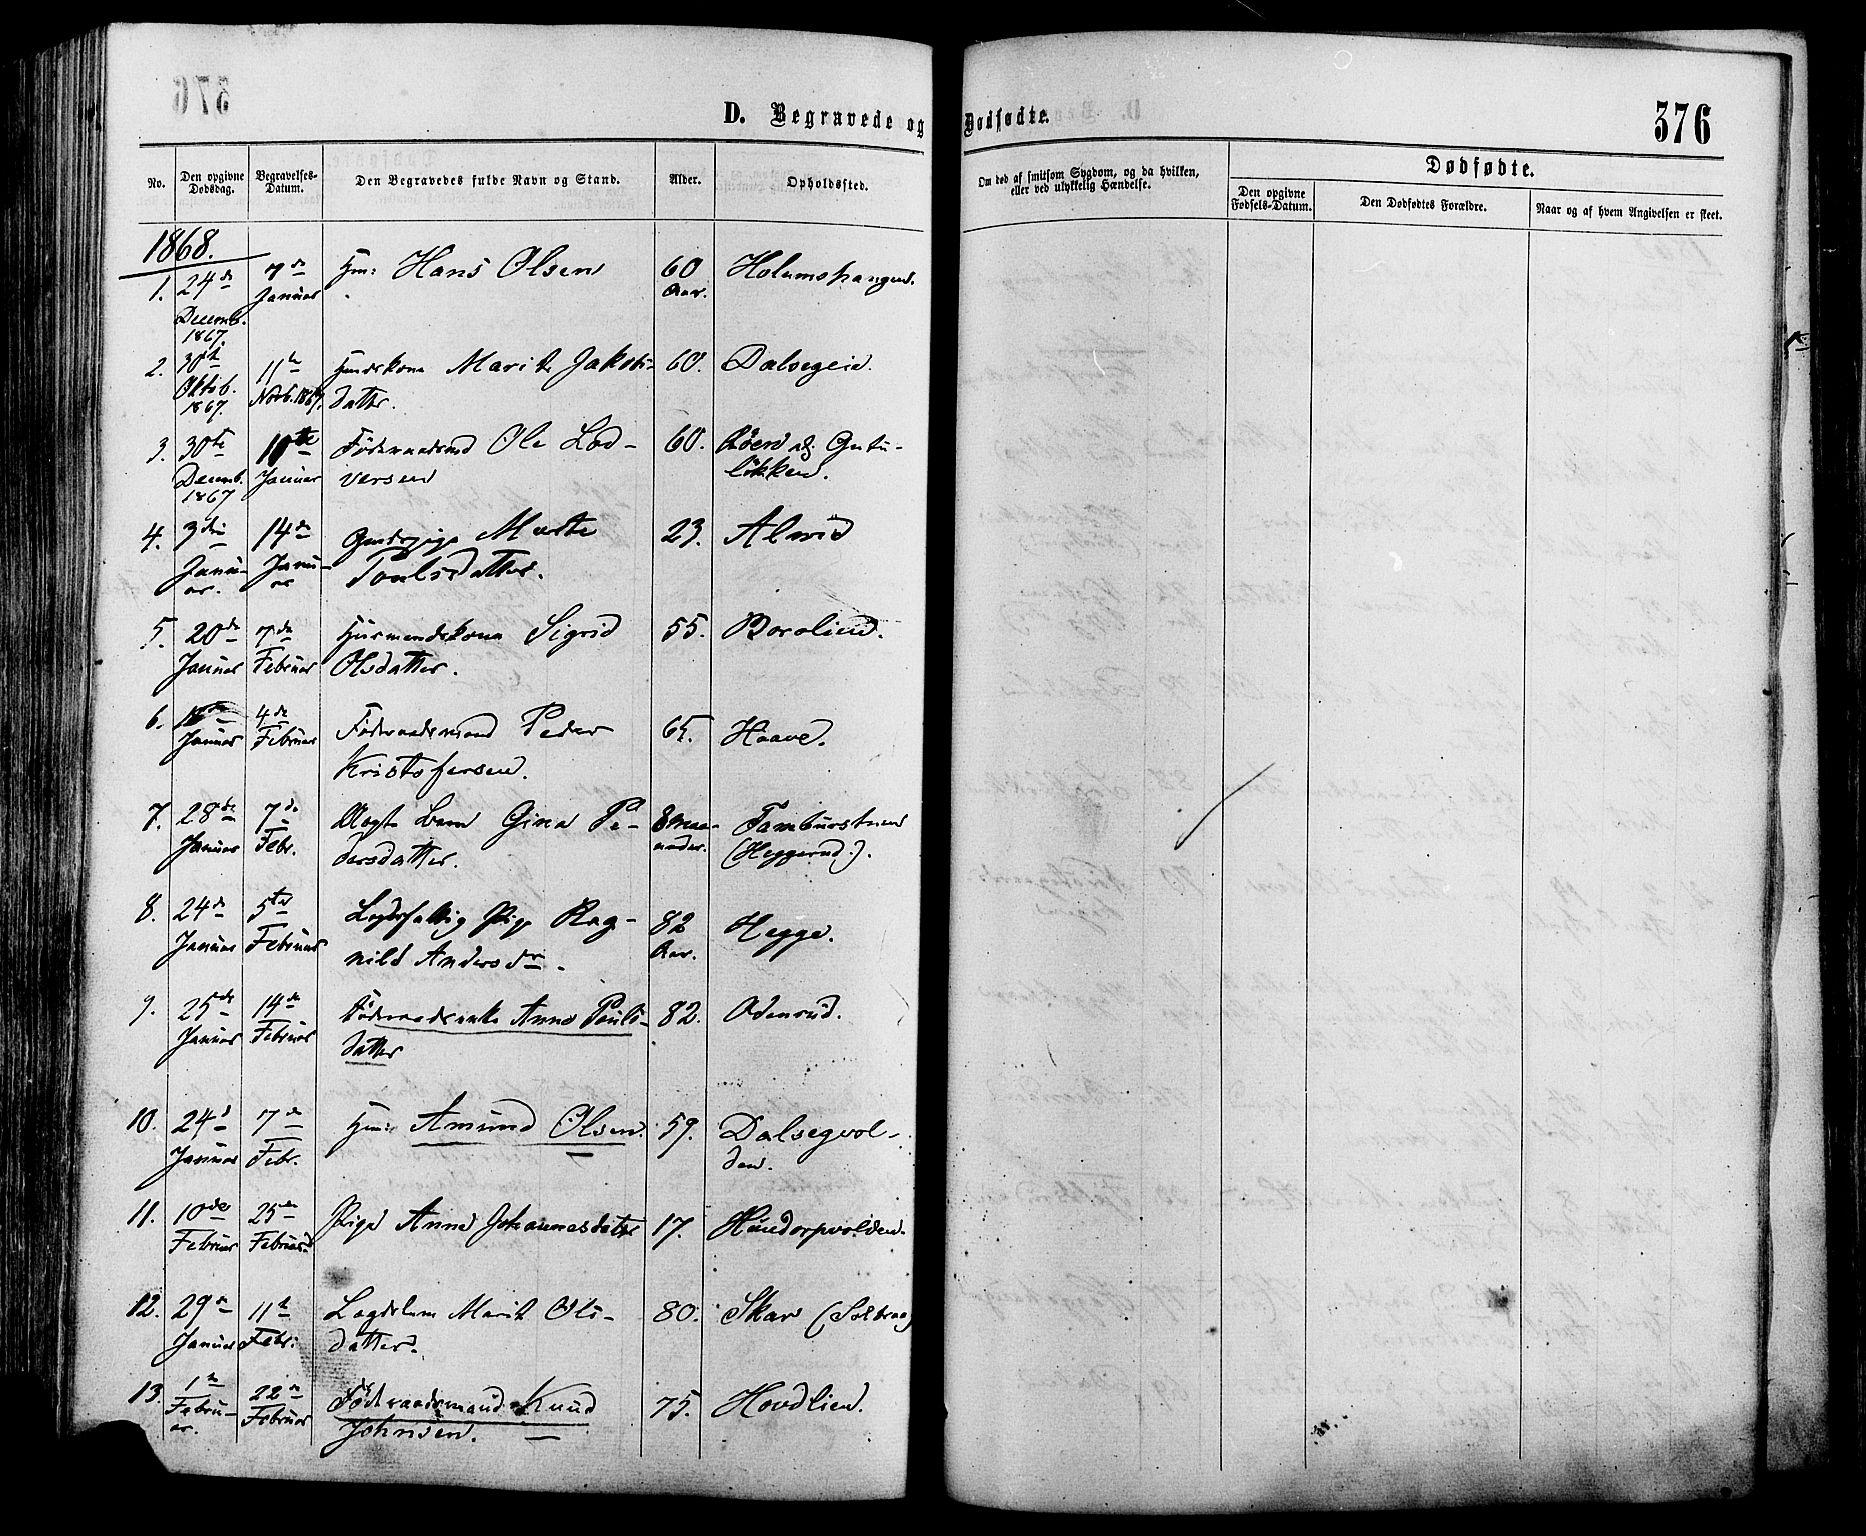 SAH, Sør-Fron prestekontor, H/Ha/Haa/L0002: Ministerialbok nr. 2, 1864-1880, s. 376